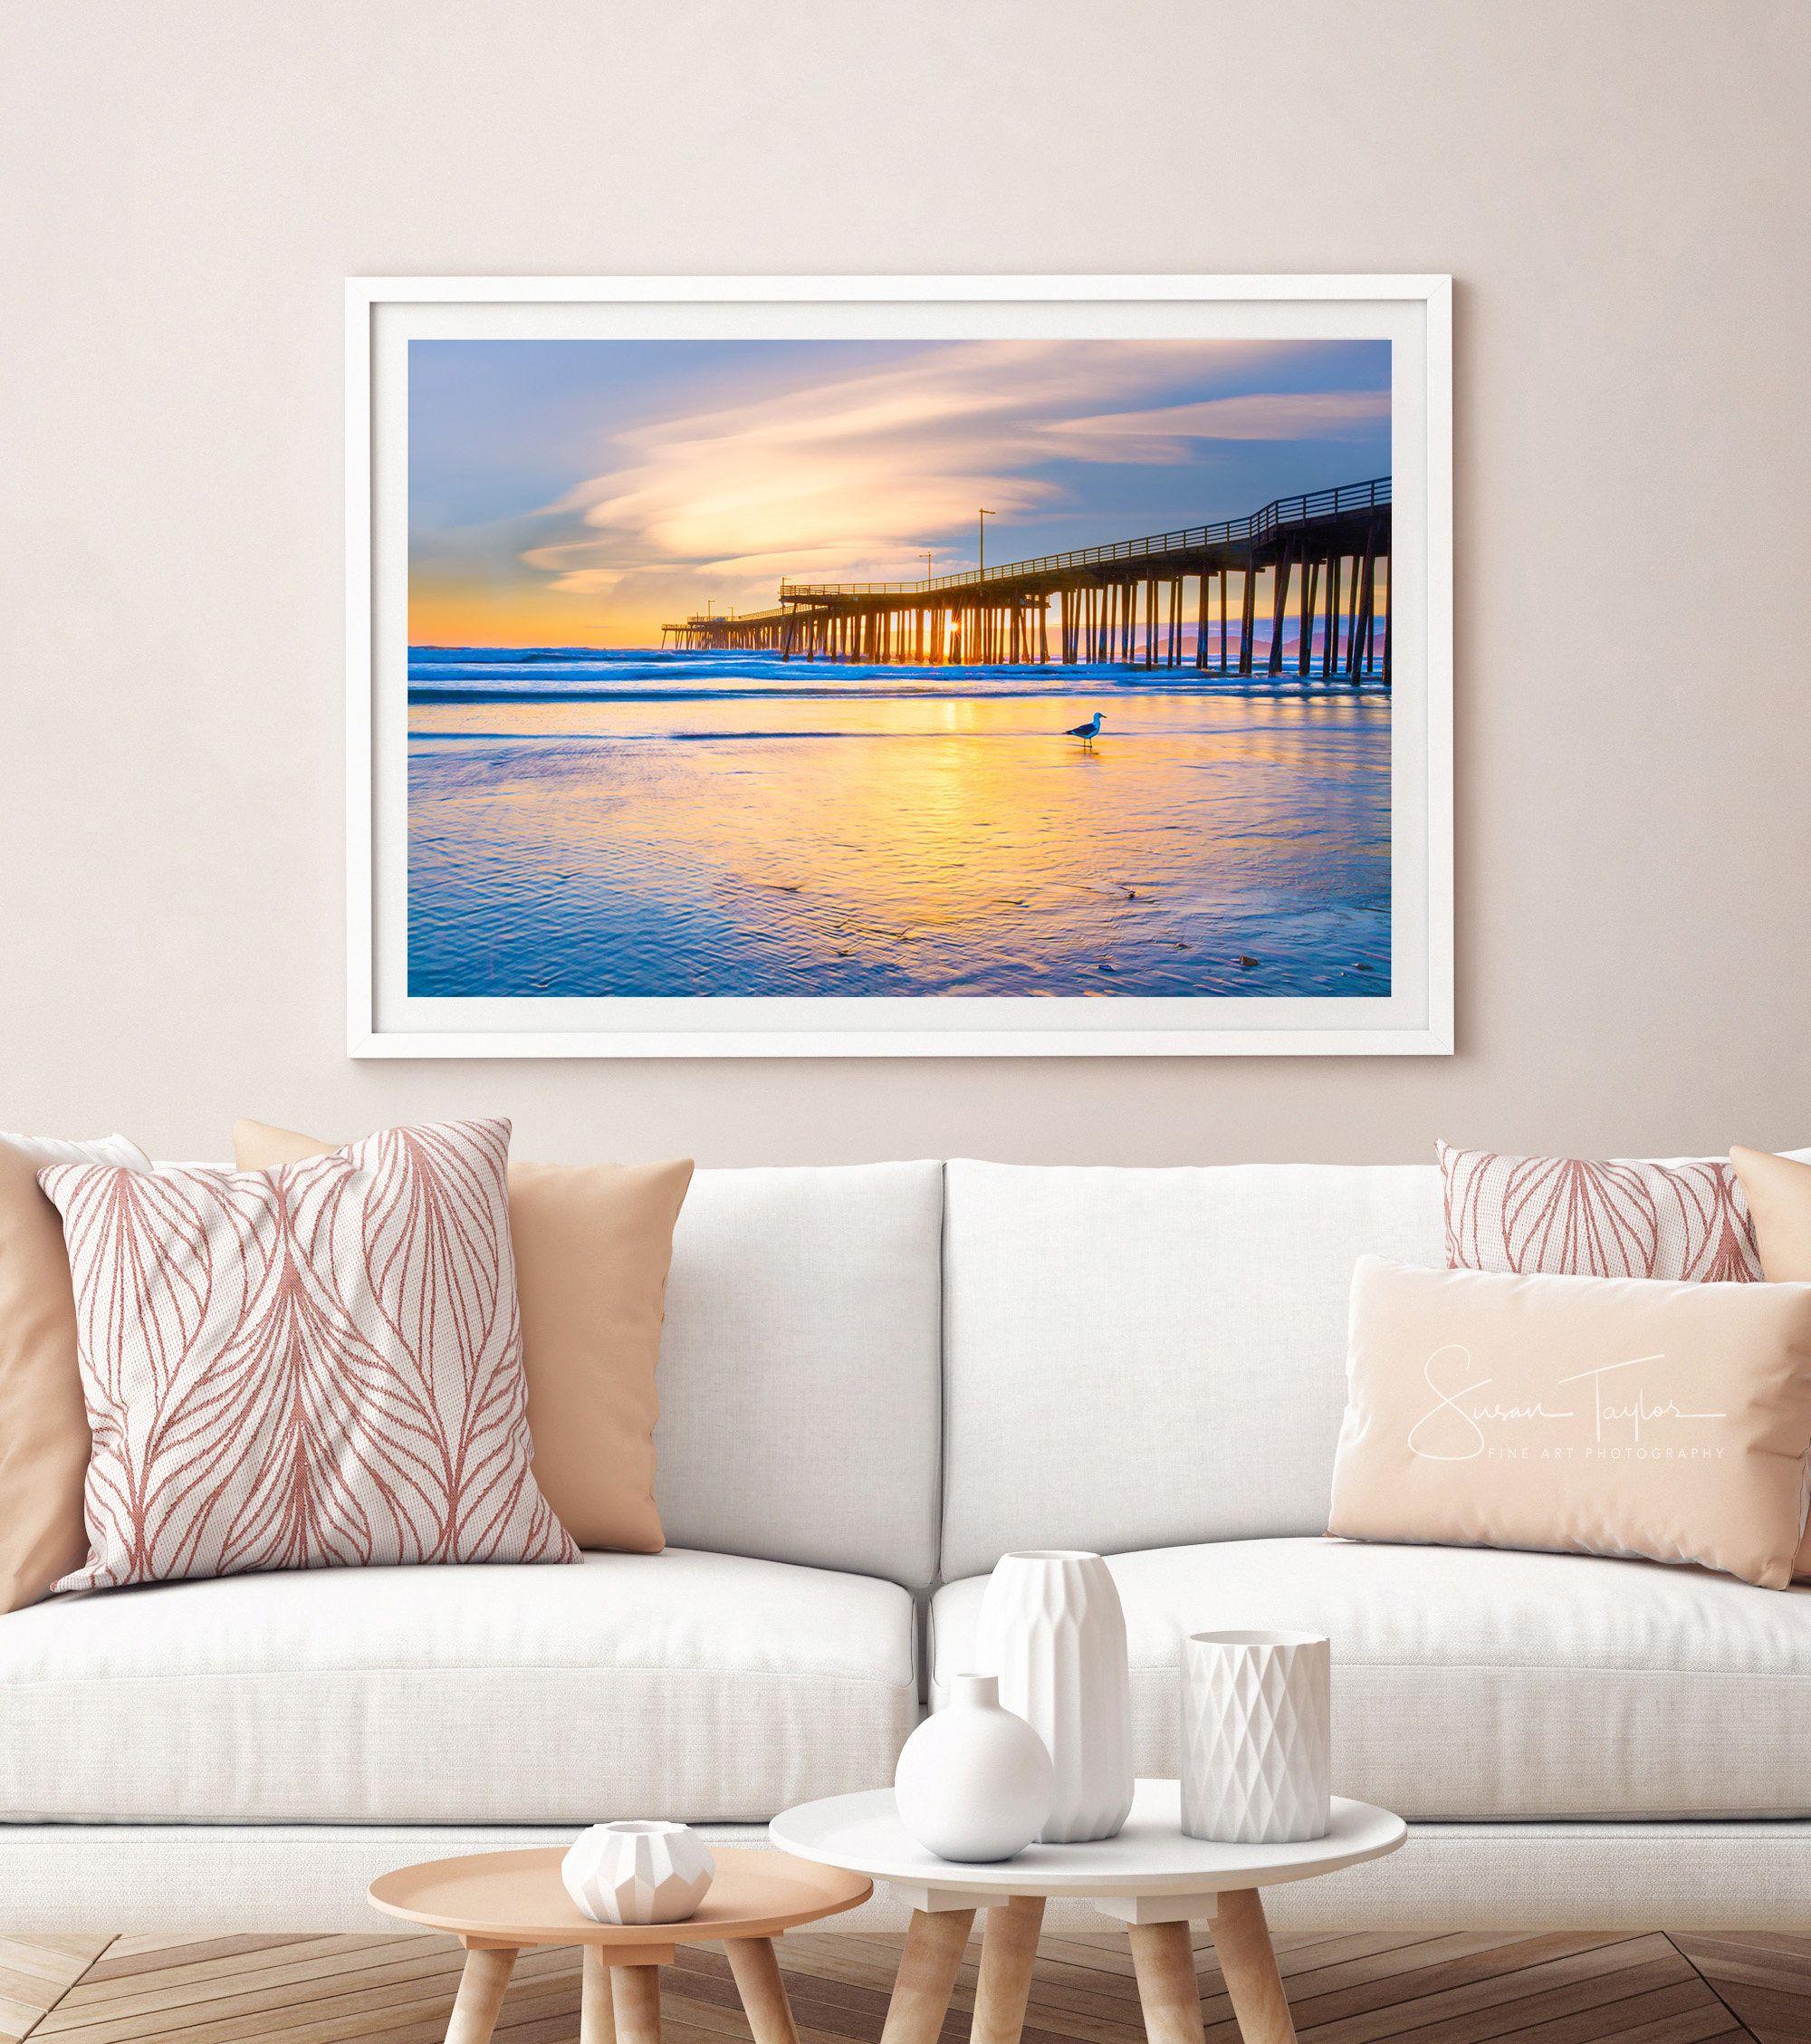 beach office decor. beach photography oversized ocean canvas large decor coastal sunset print office